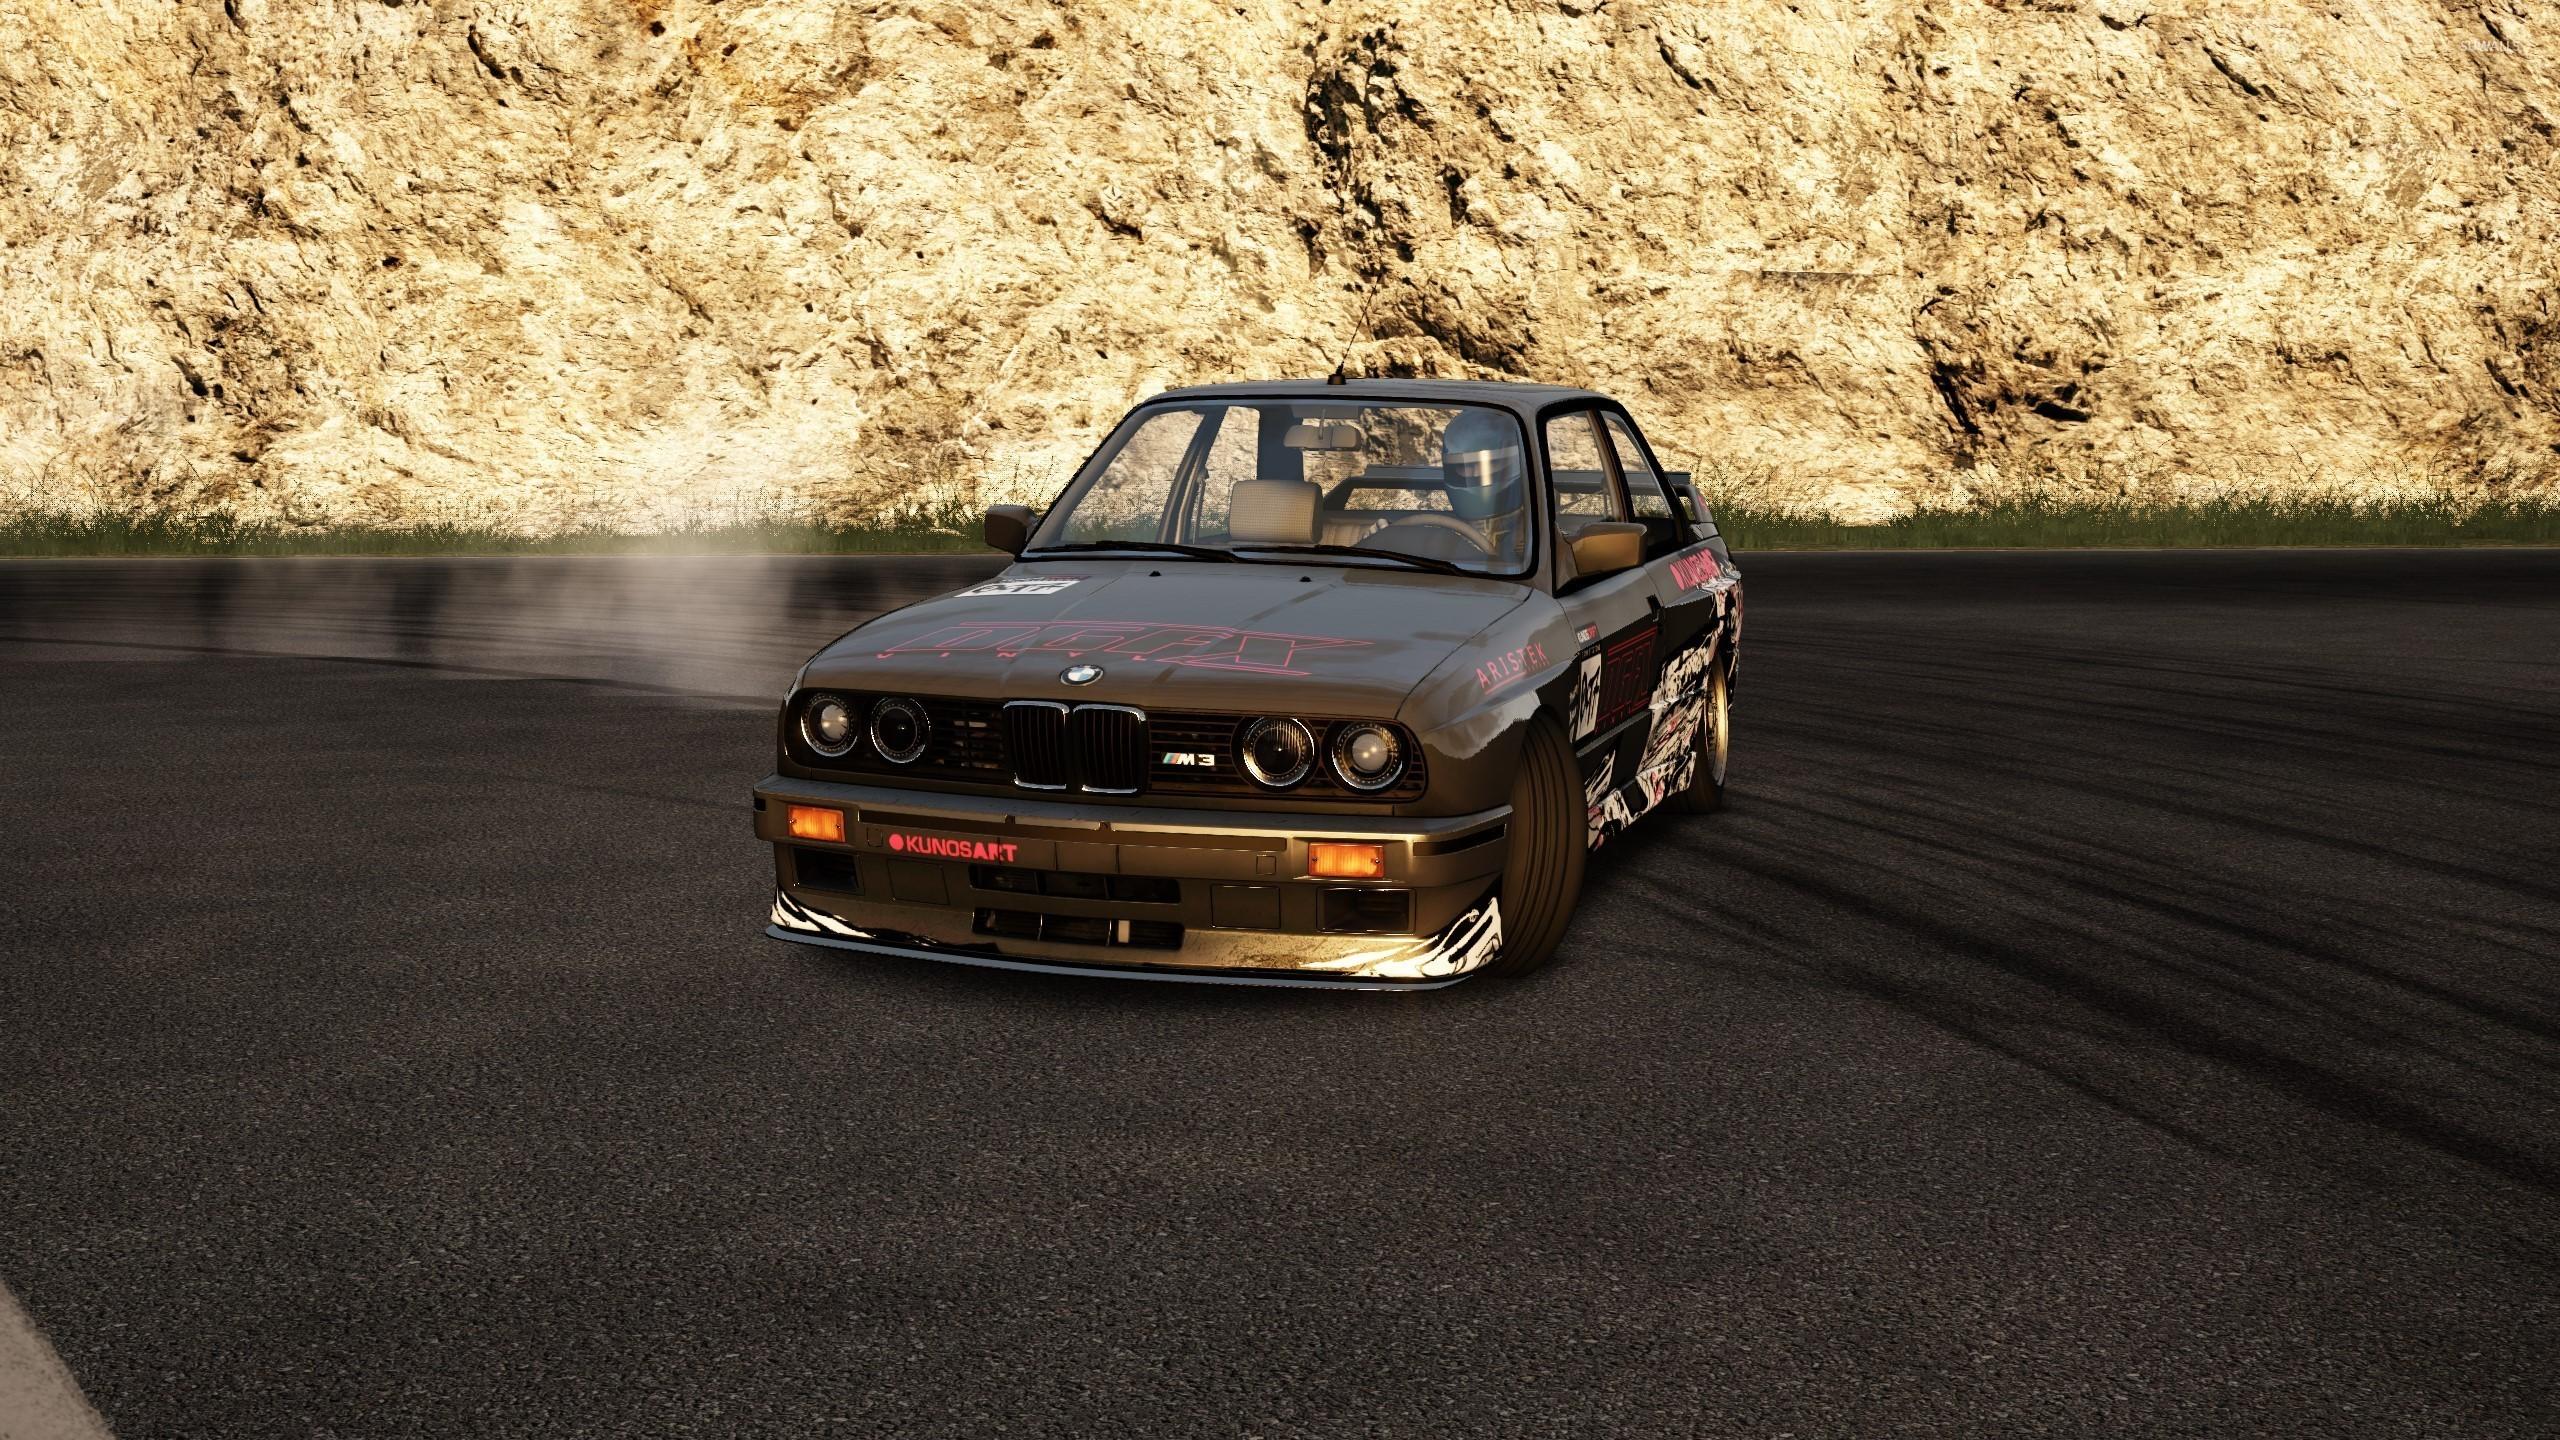 Drift Car Wallpaper 74 Images